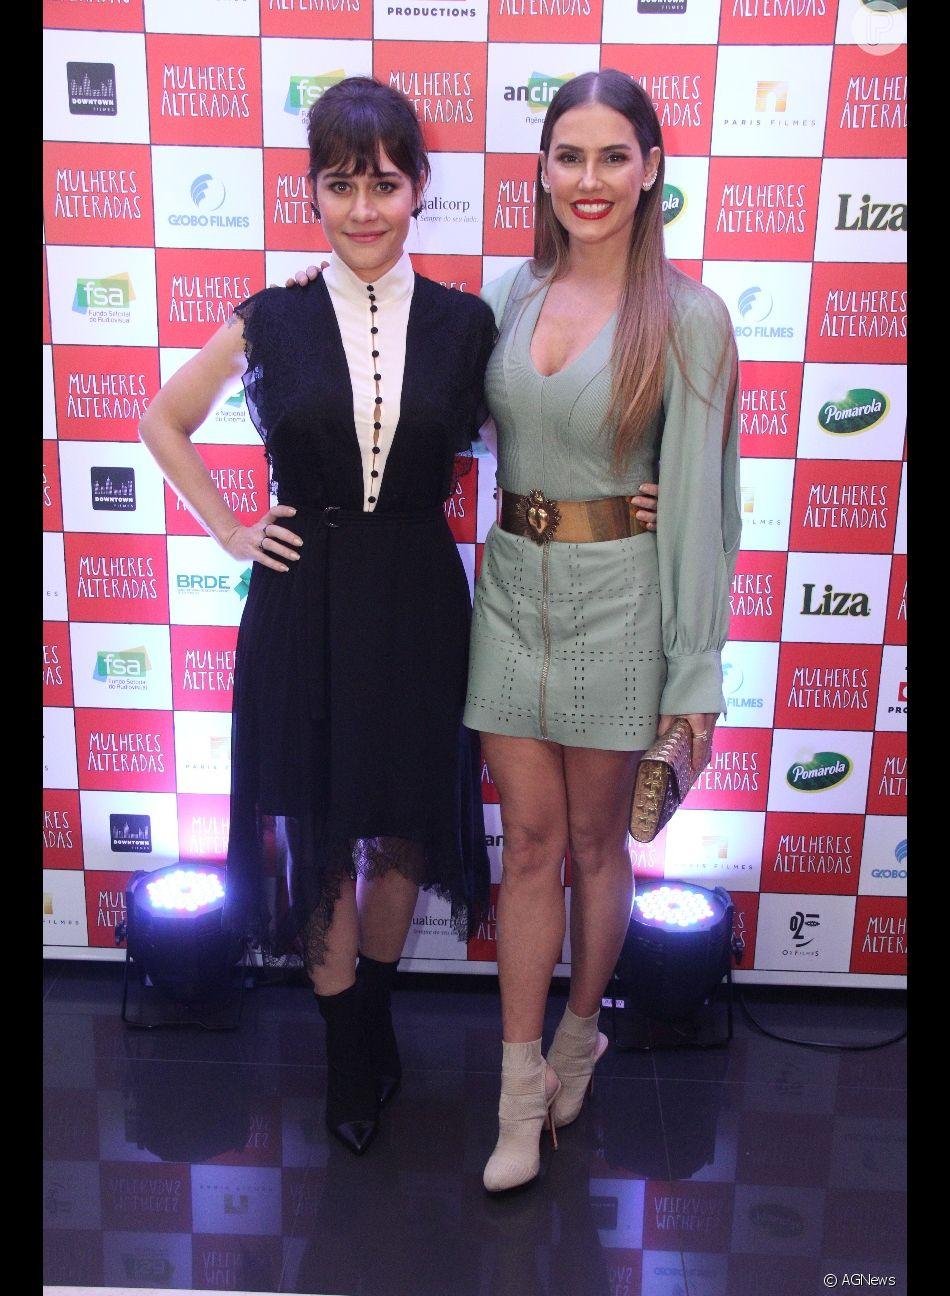 Alessandra Negrini e Deborah Secco apostaram na dobradinha vestido e sock boots para a pré-estreia do filme 'Mulheres Alteradas', no Kinoplex Leblon, na Zona Sul do Rio de Janeiro, na noite desta segunda-feira, 25 de junho de 2018